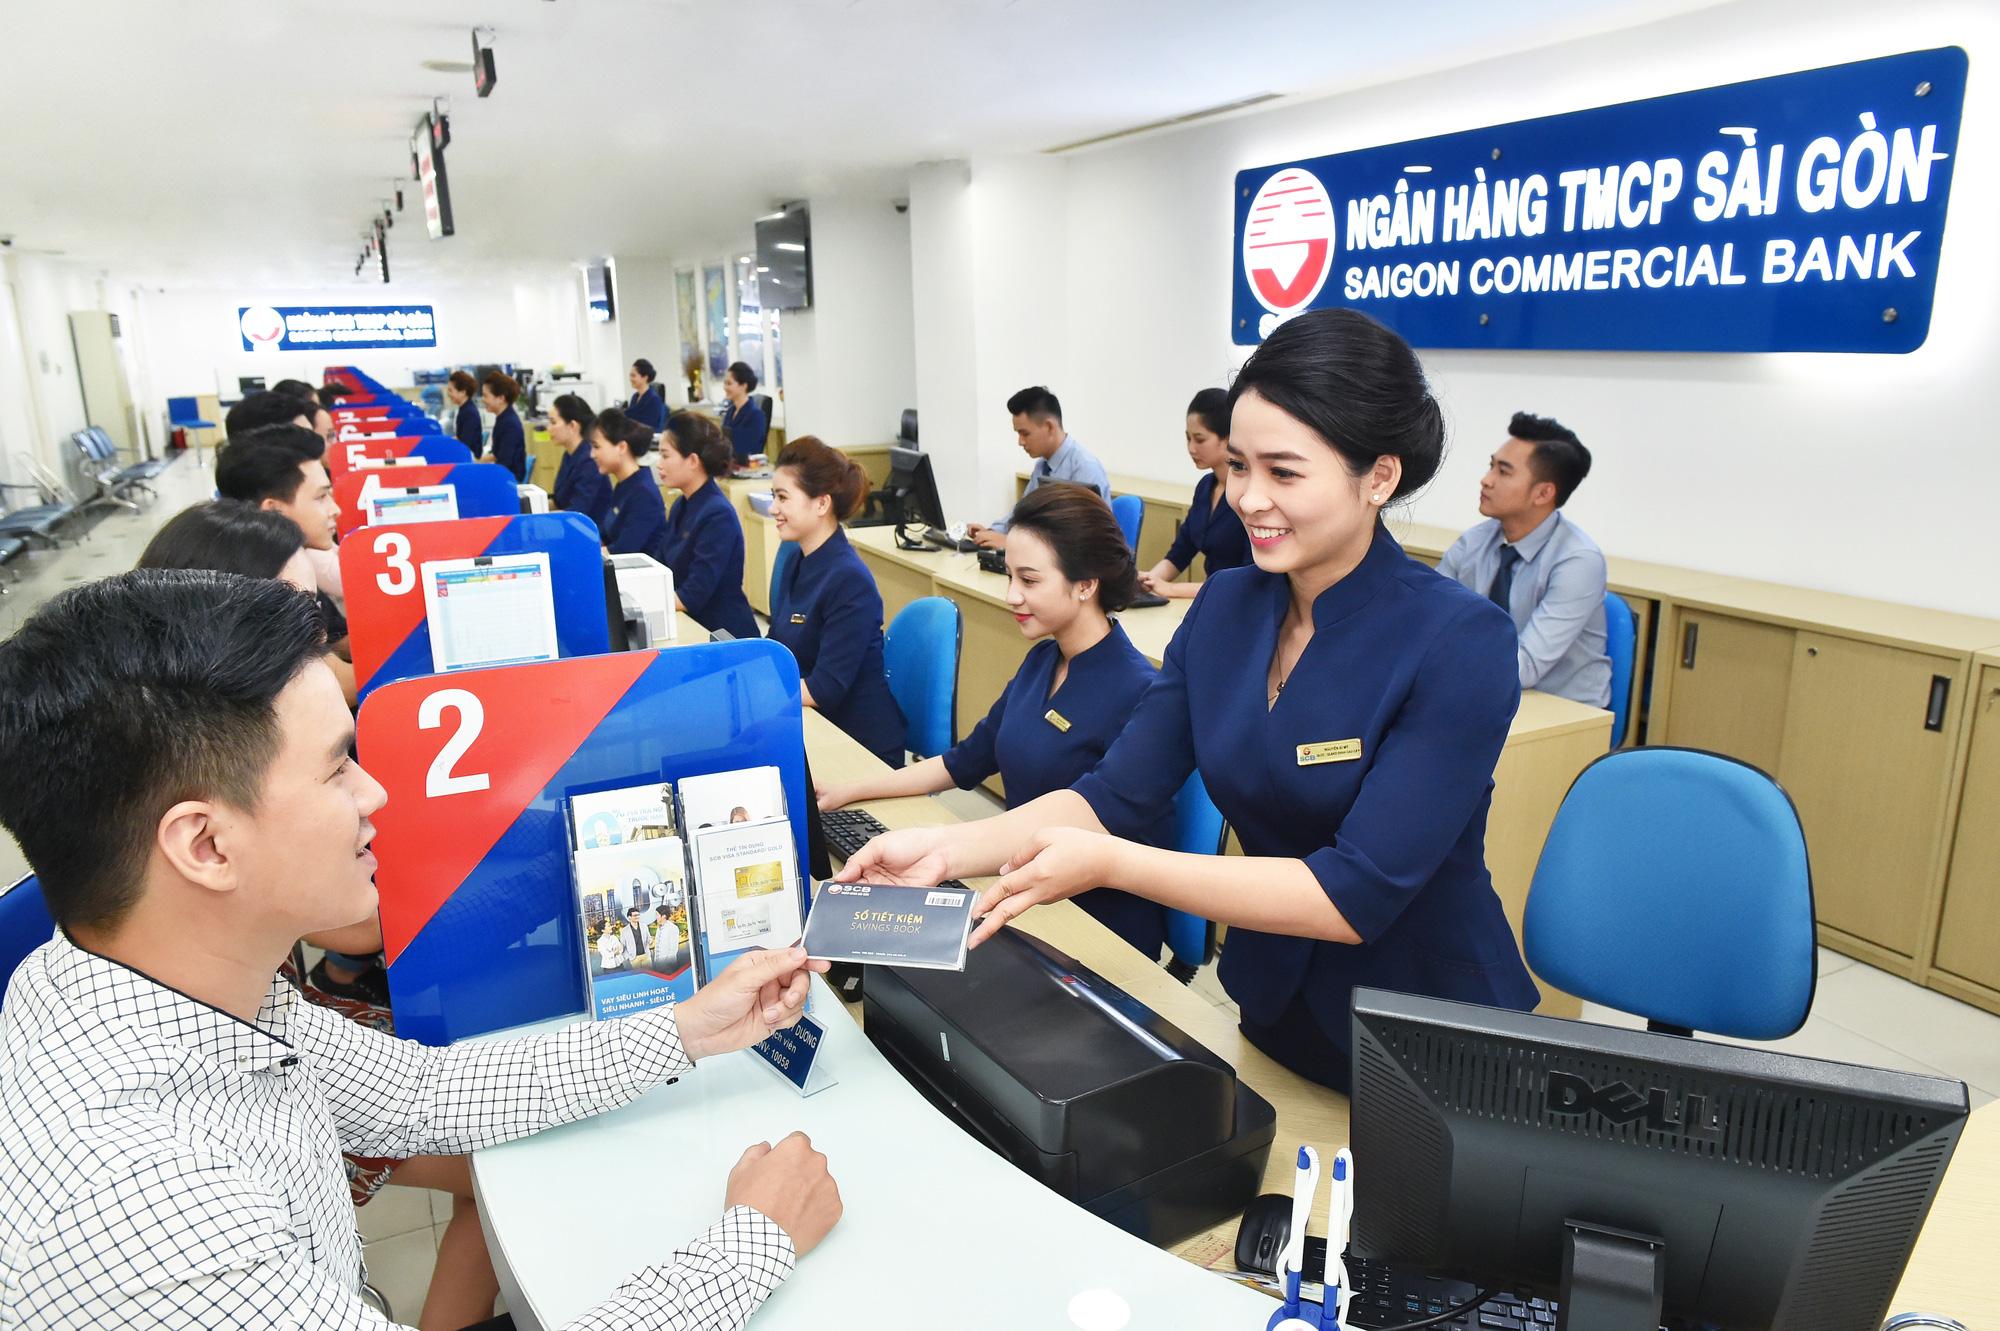 """SCB triển khai sản phẩm mới """"Tiết kiệm phát lộc tài"""" - Ảnh 2."""